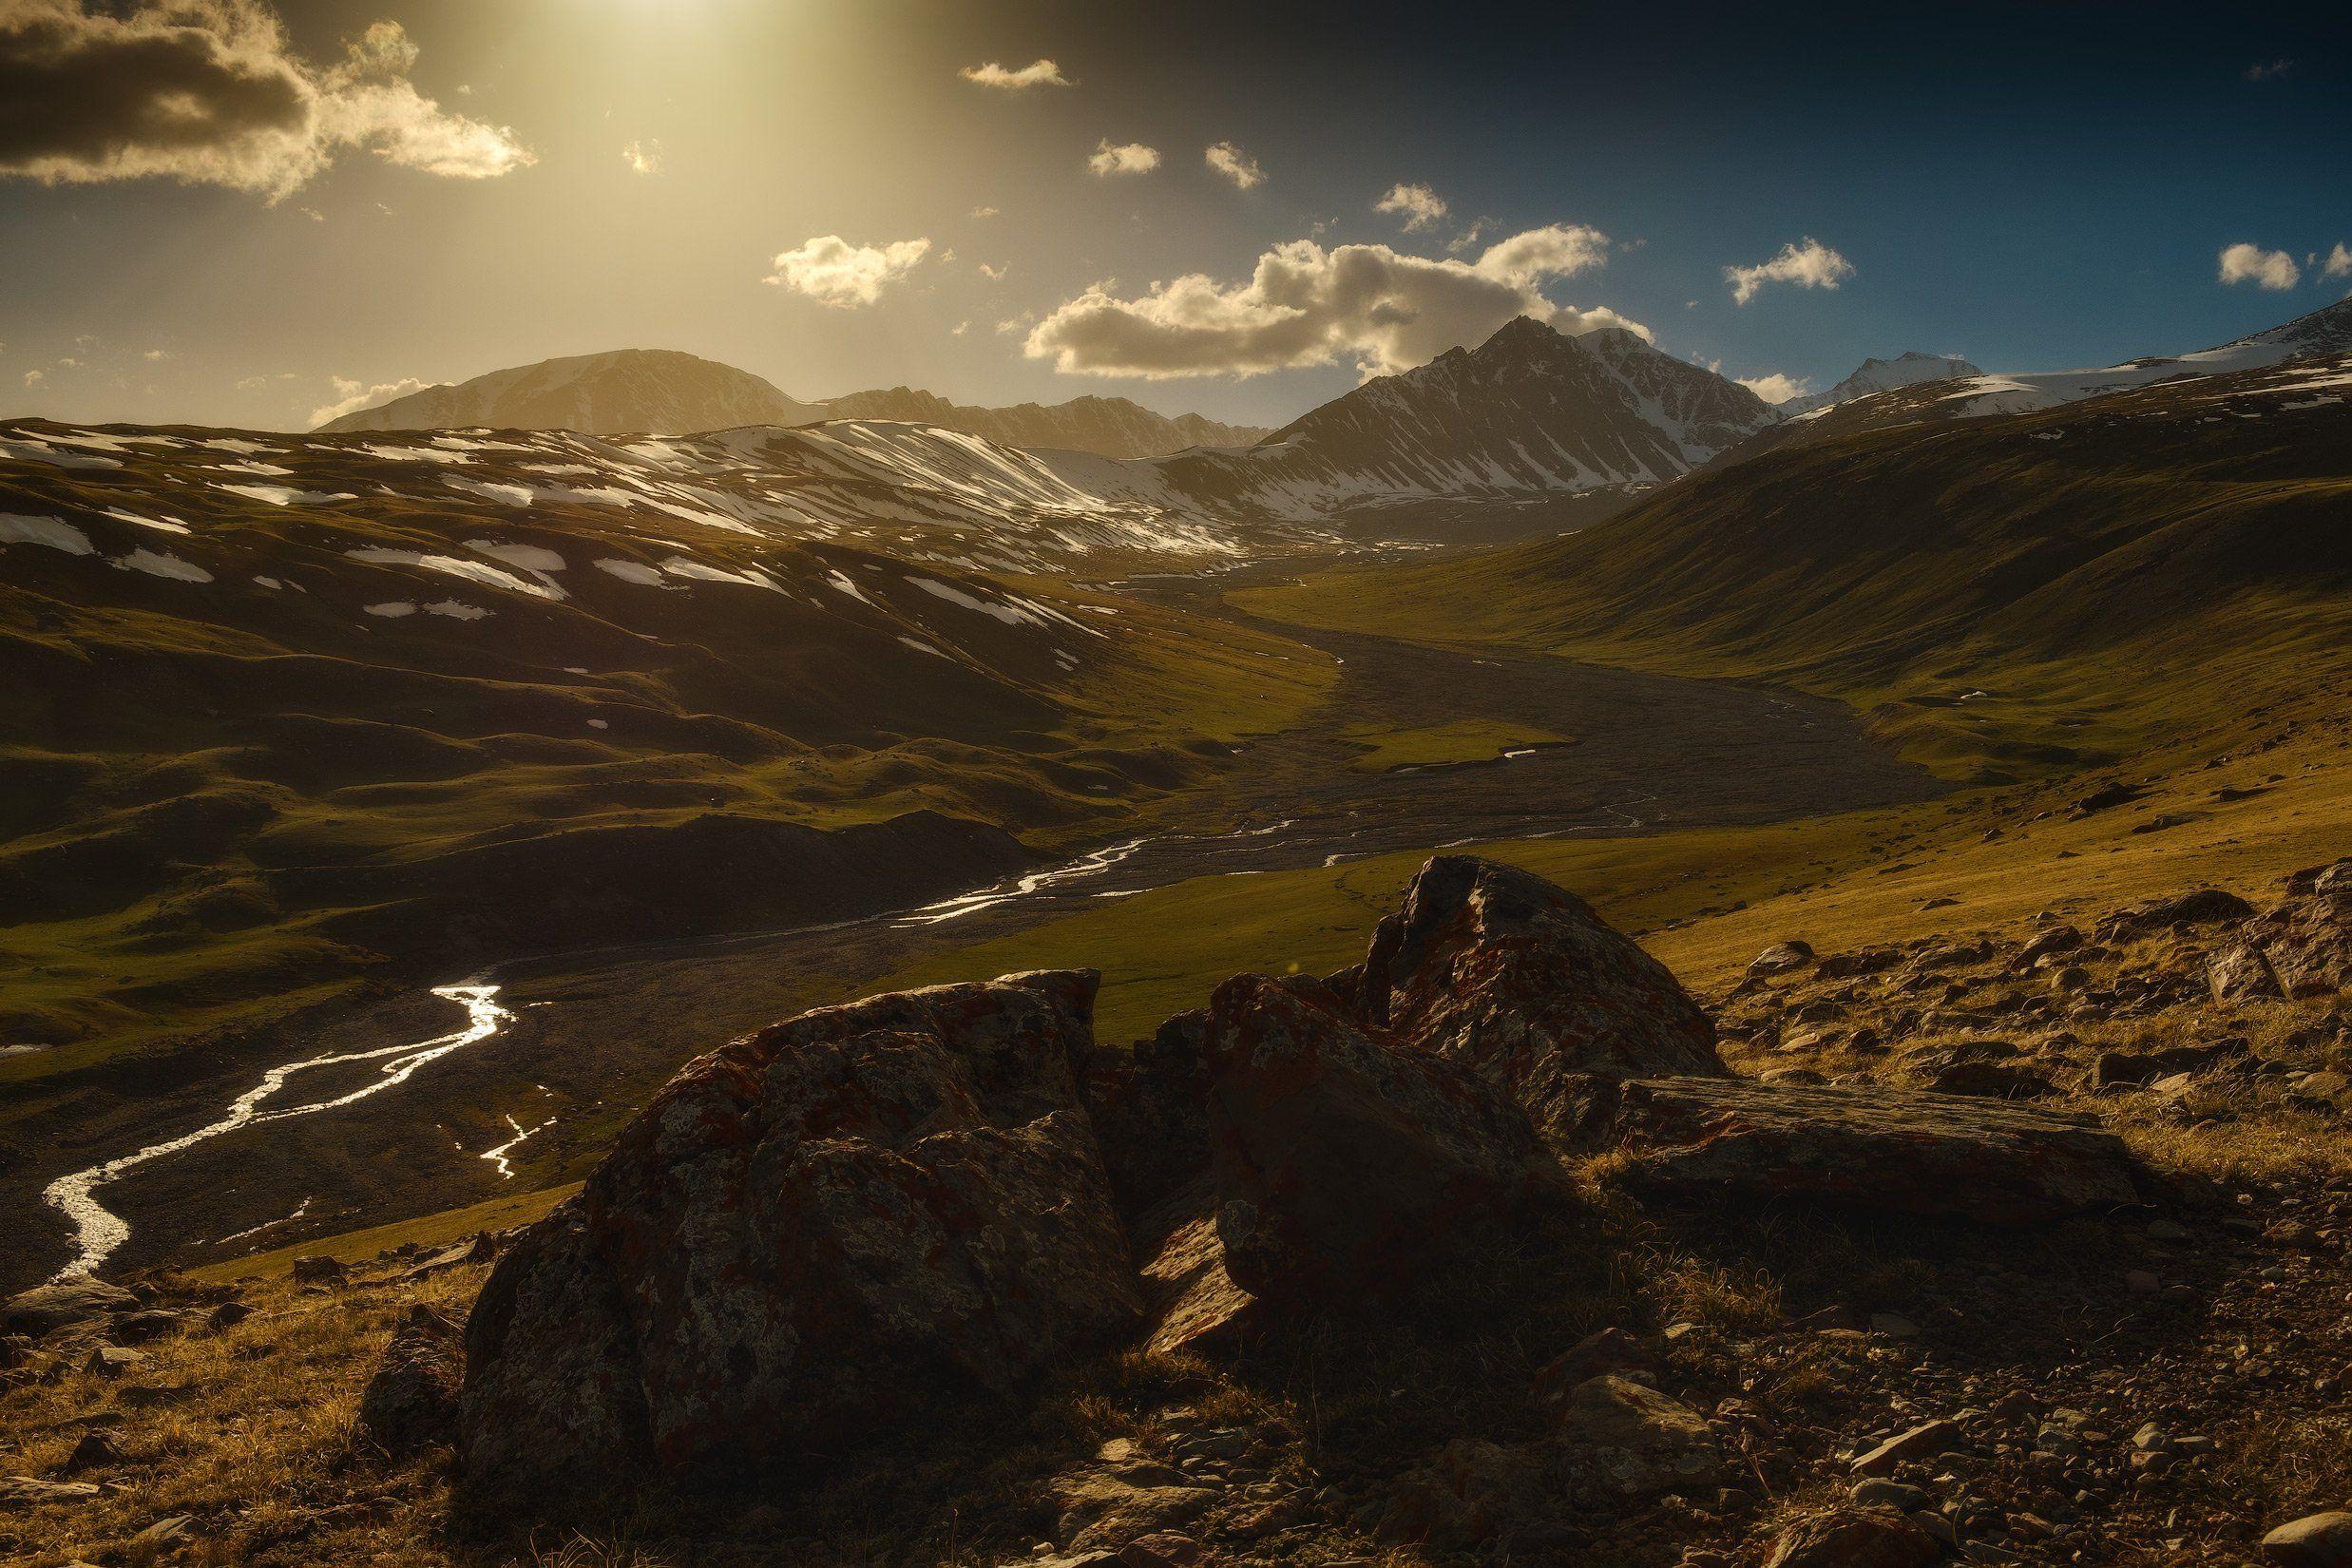 киргизия, кыргызстан, азия, горы, луг, скалы, пейзаж, весна, ущелье, джайлоо, пастбище, река, закат, Оборотов Алексей